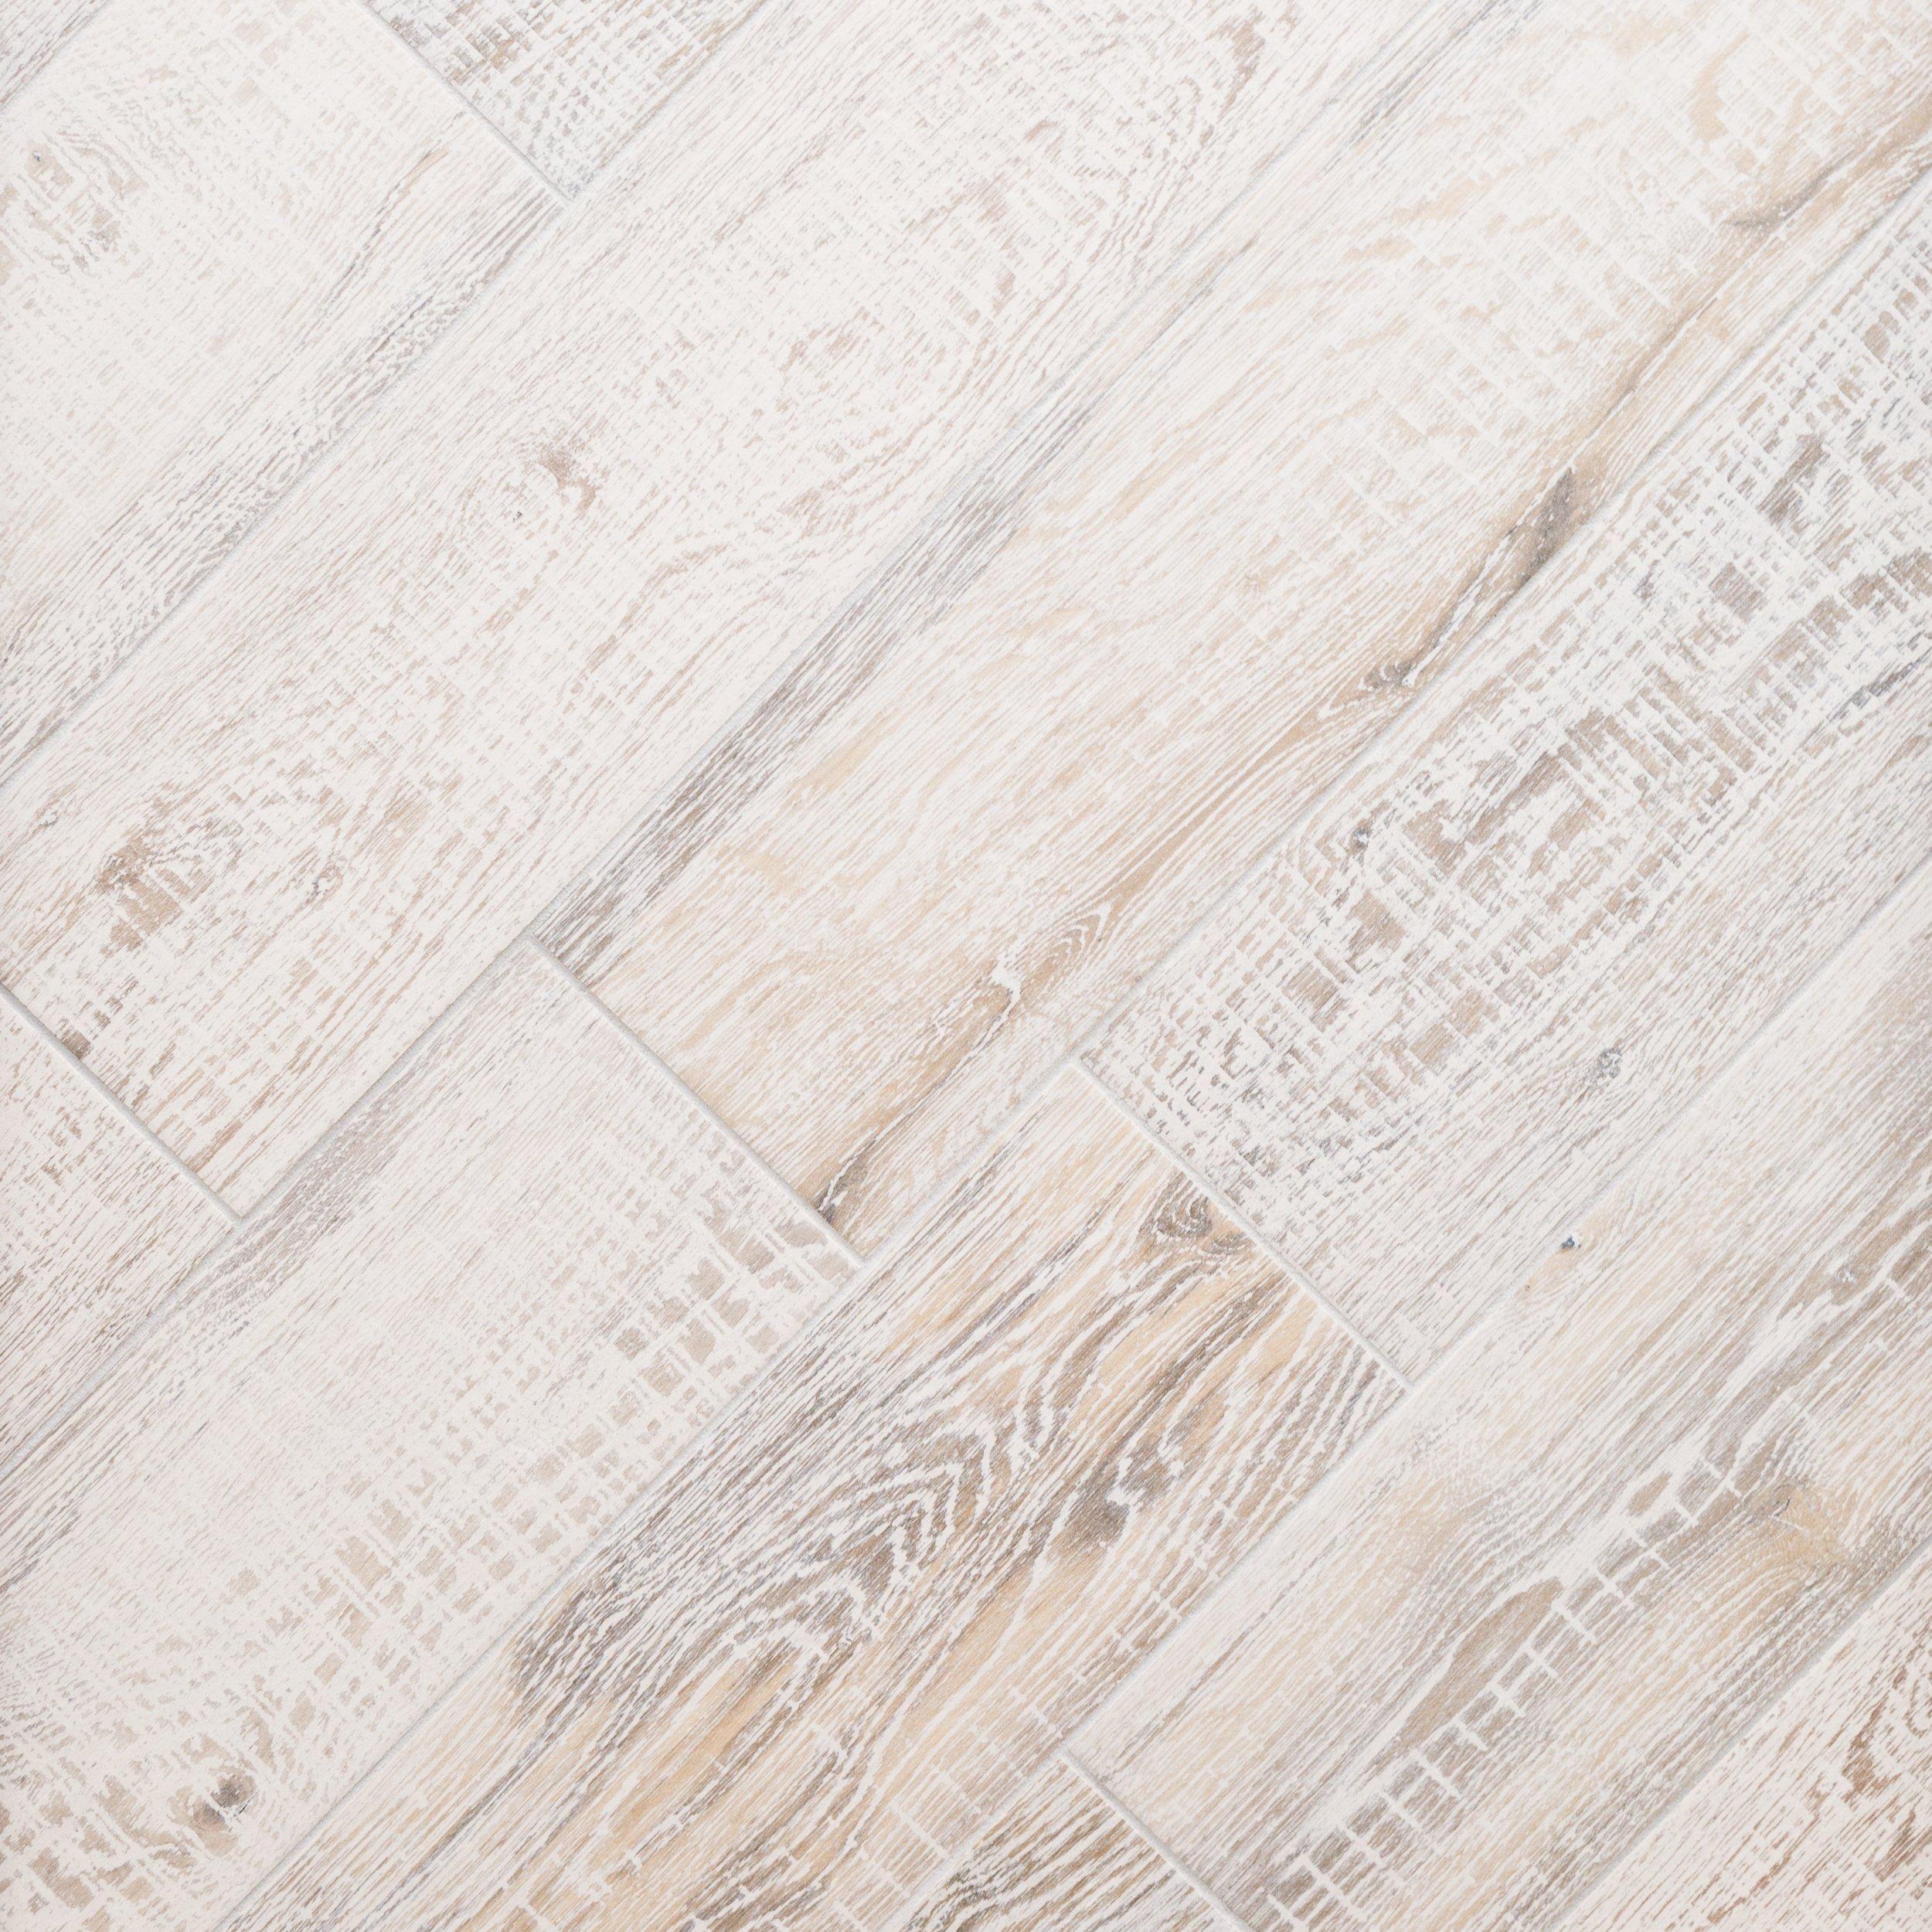 Brixton White Wood Plank Porcelain Tile - 8 x 32 - 100434612   Floor ...